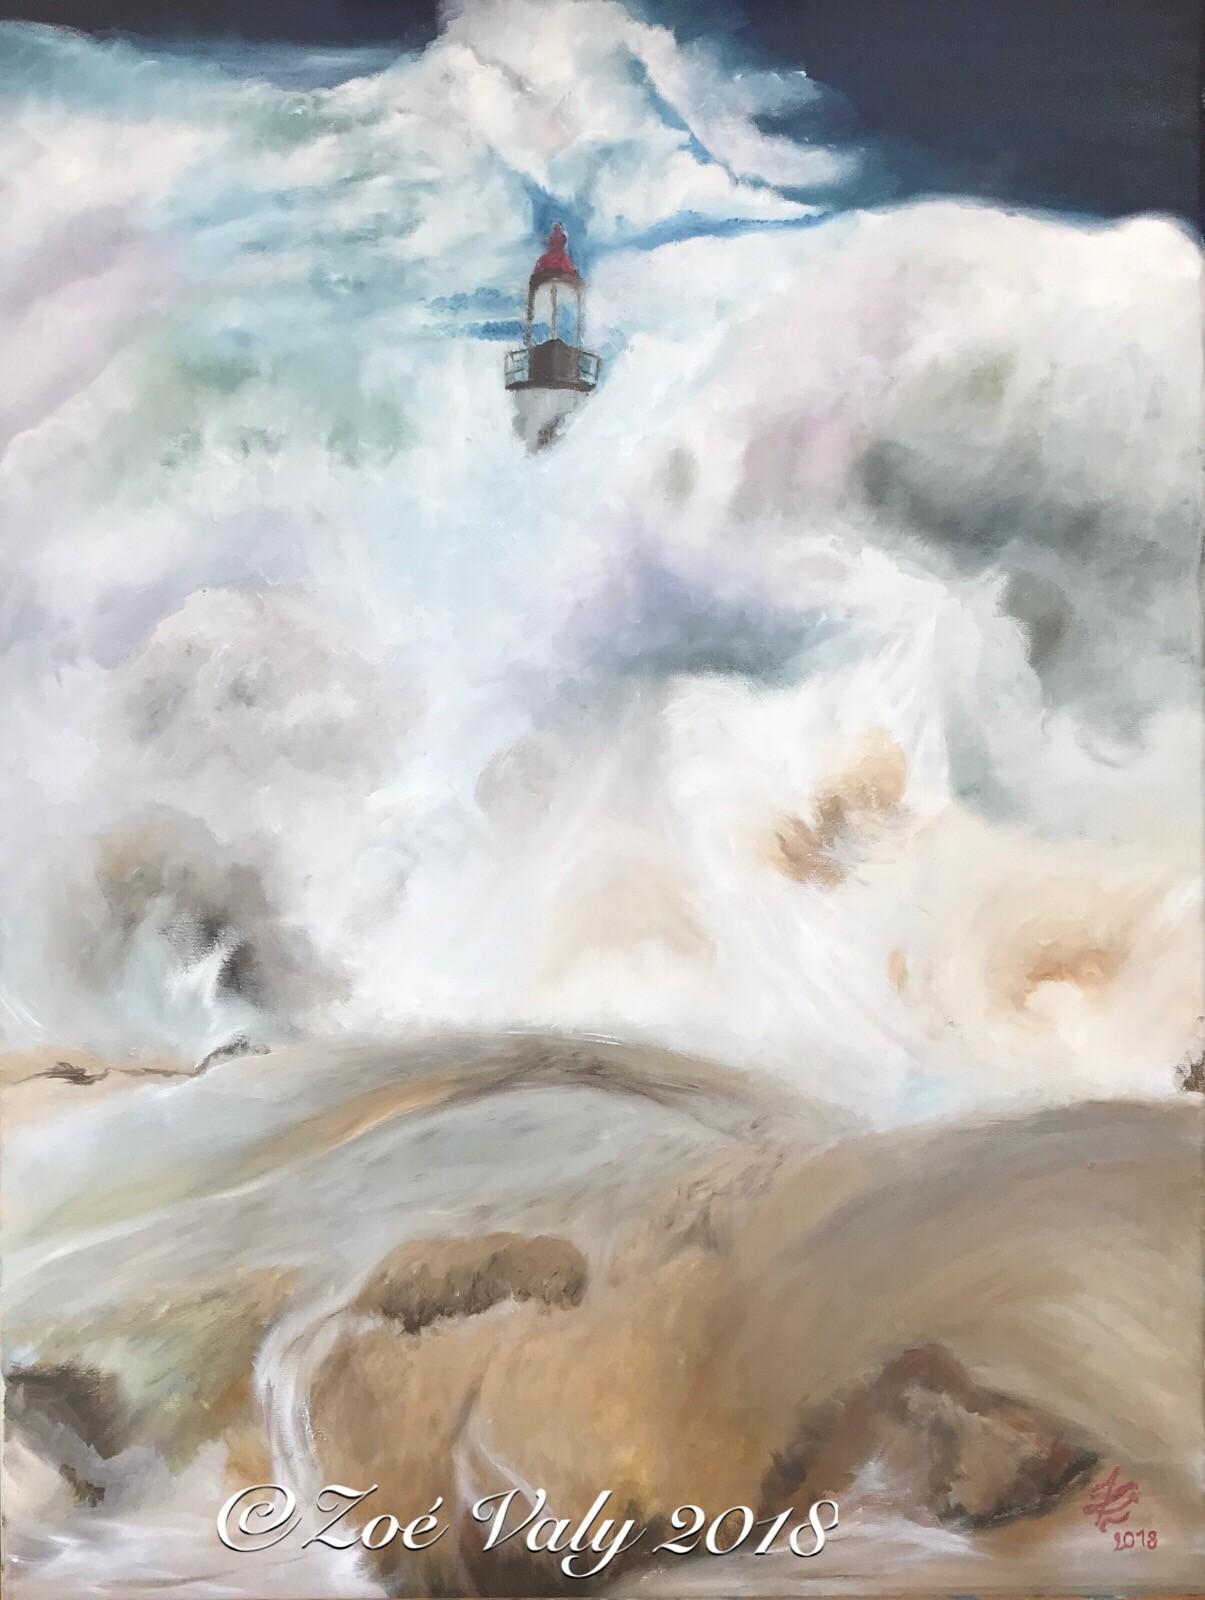 Zoé Valy - Phare en tempête